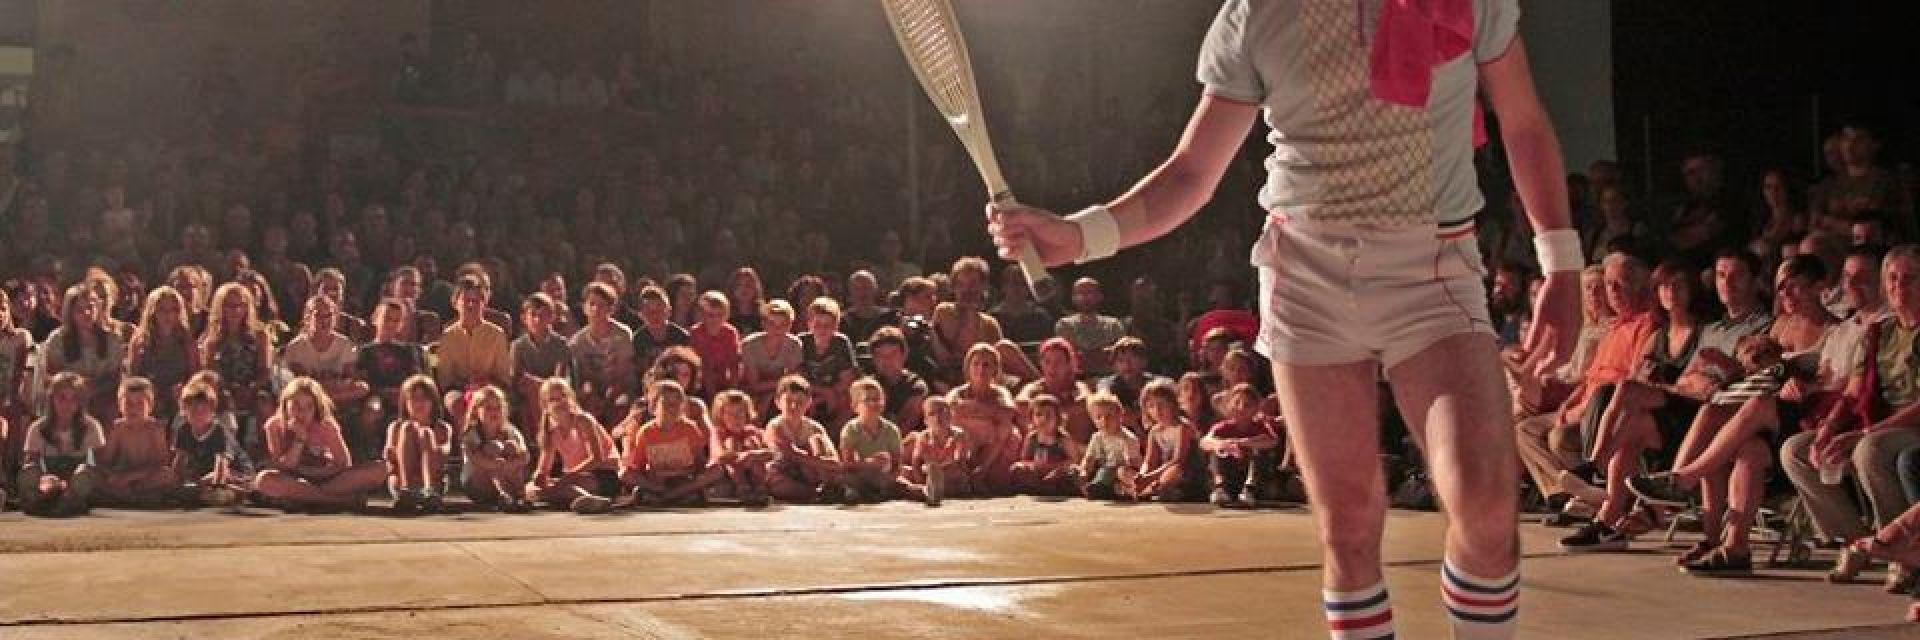 Teatro, circo y música para verano ya disponible